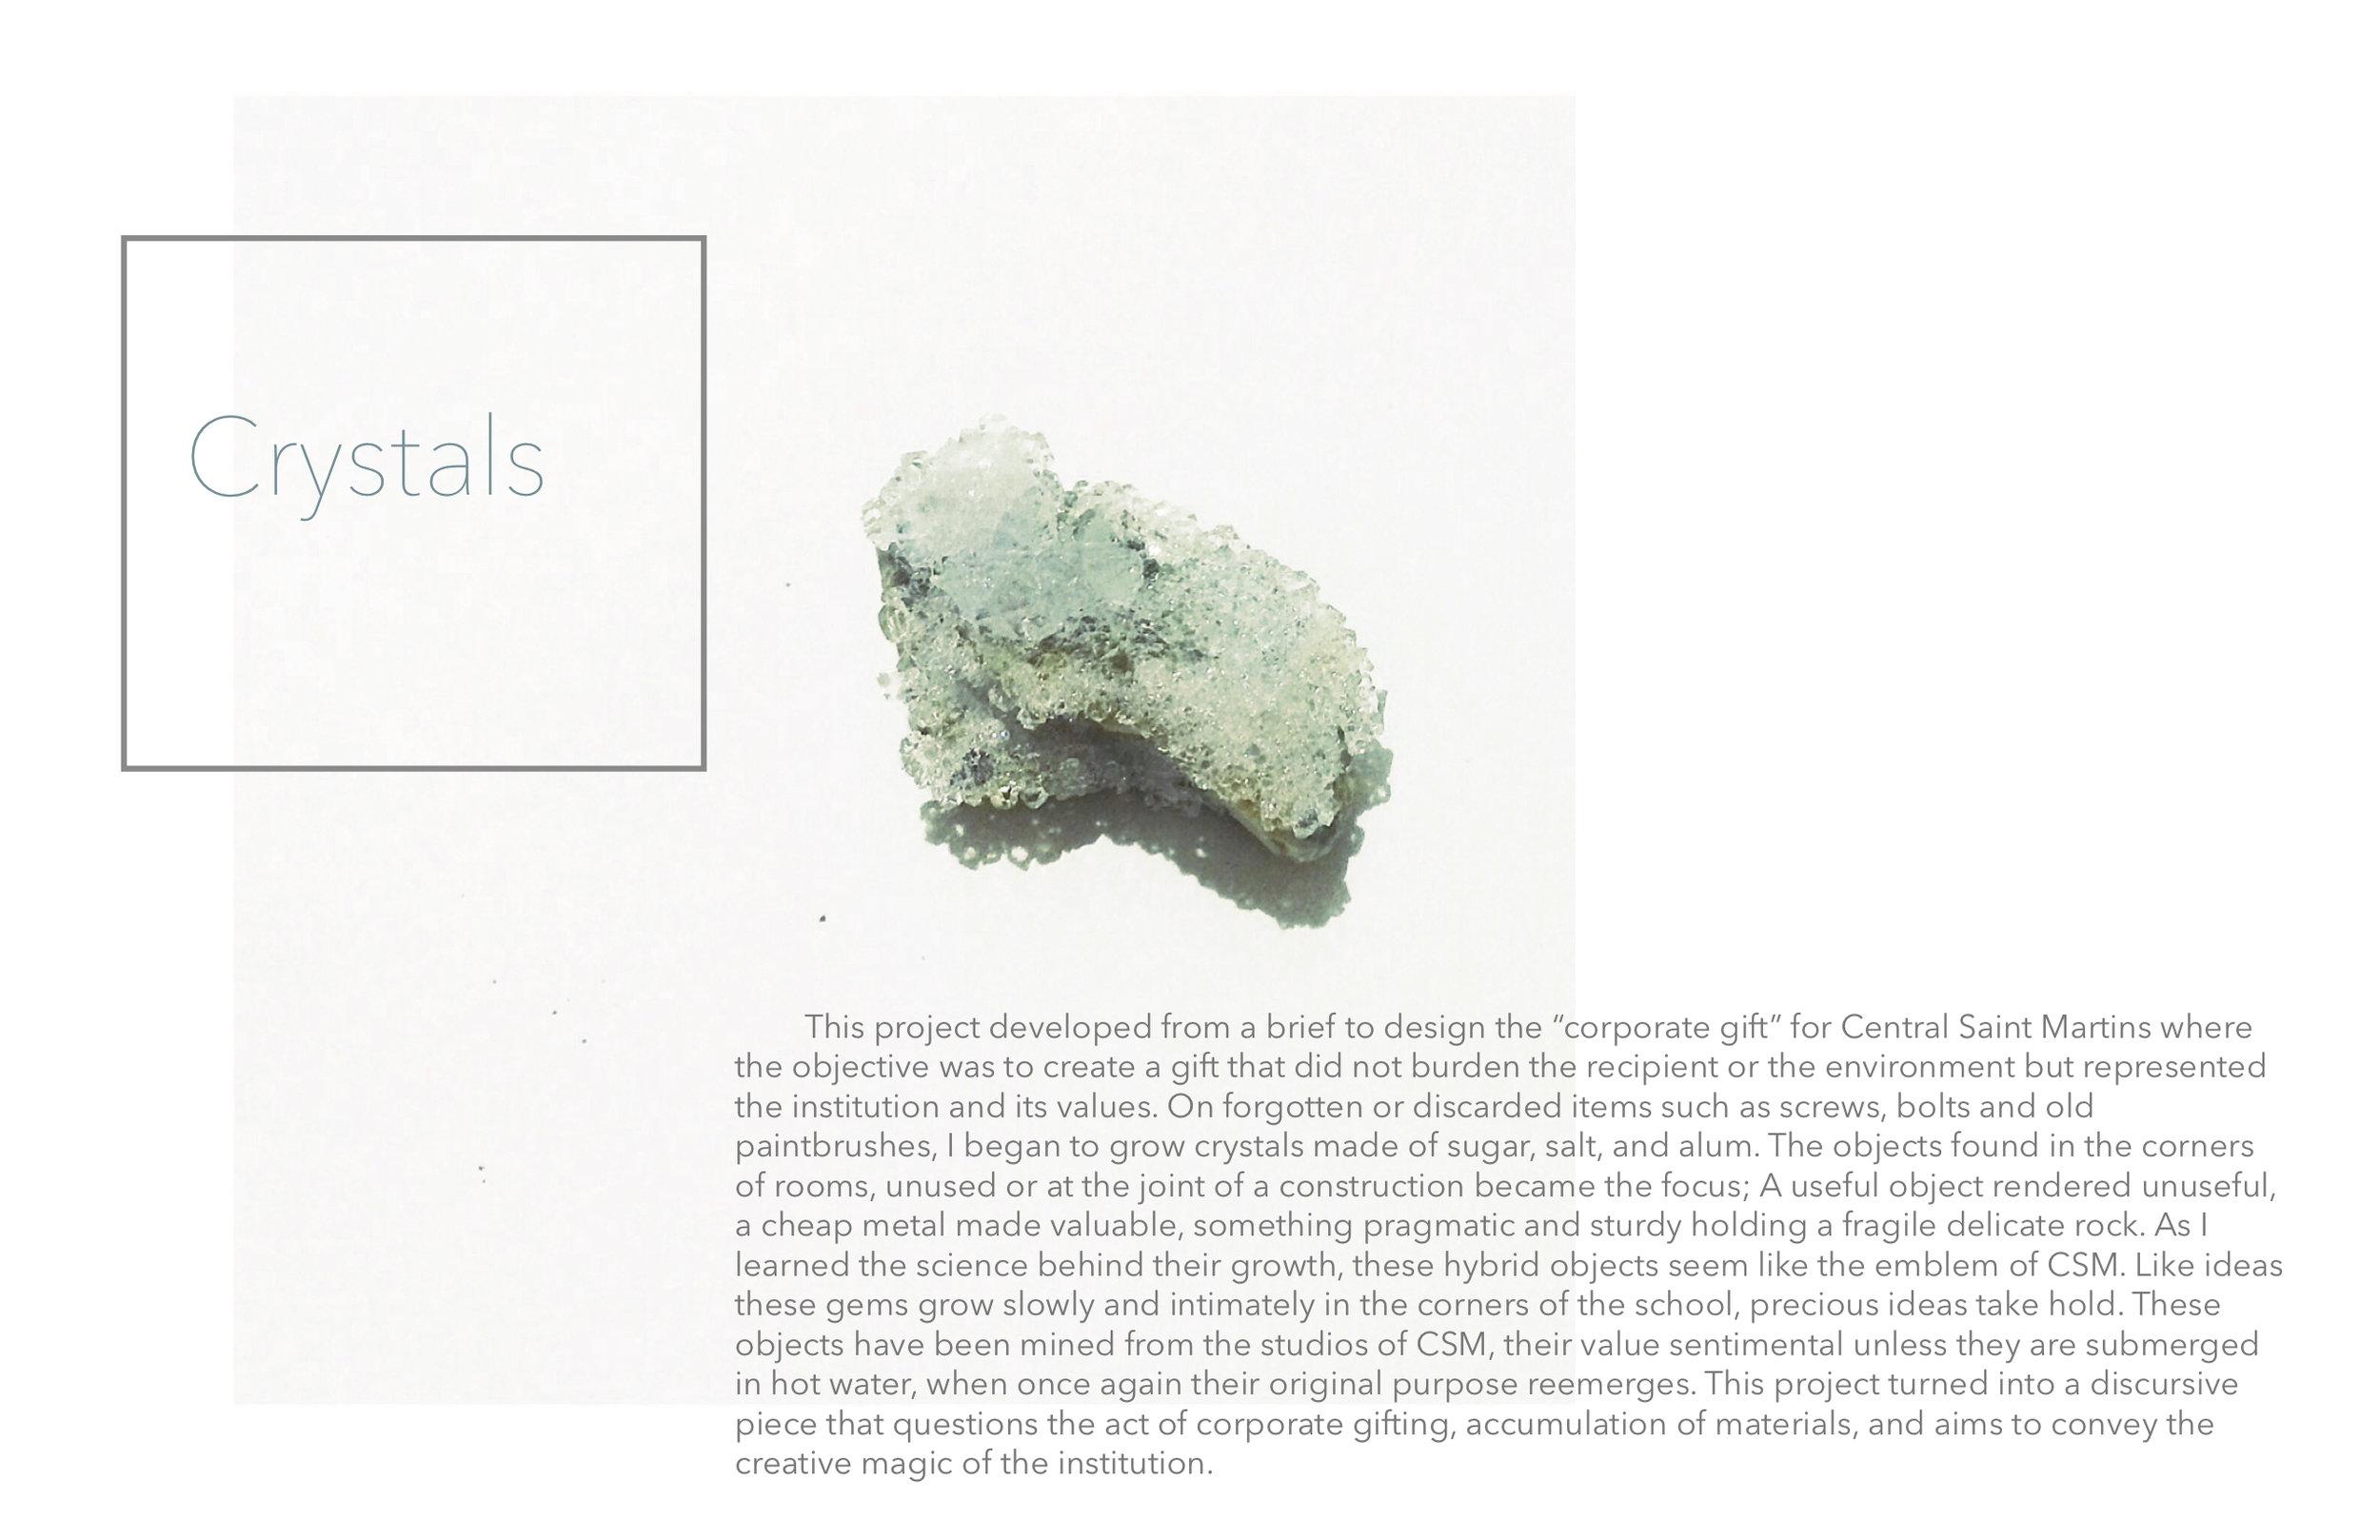 Crystals W copy 3.jpg